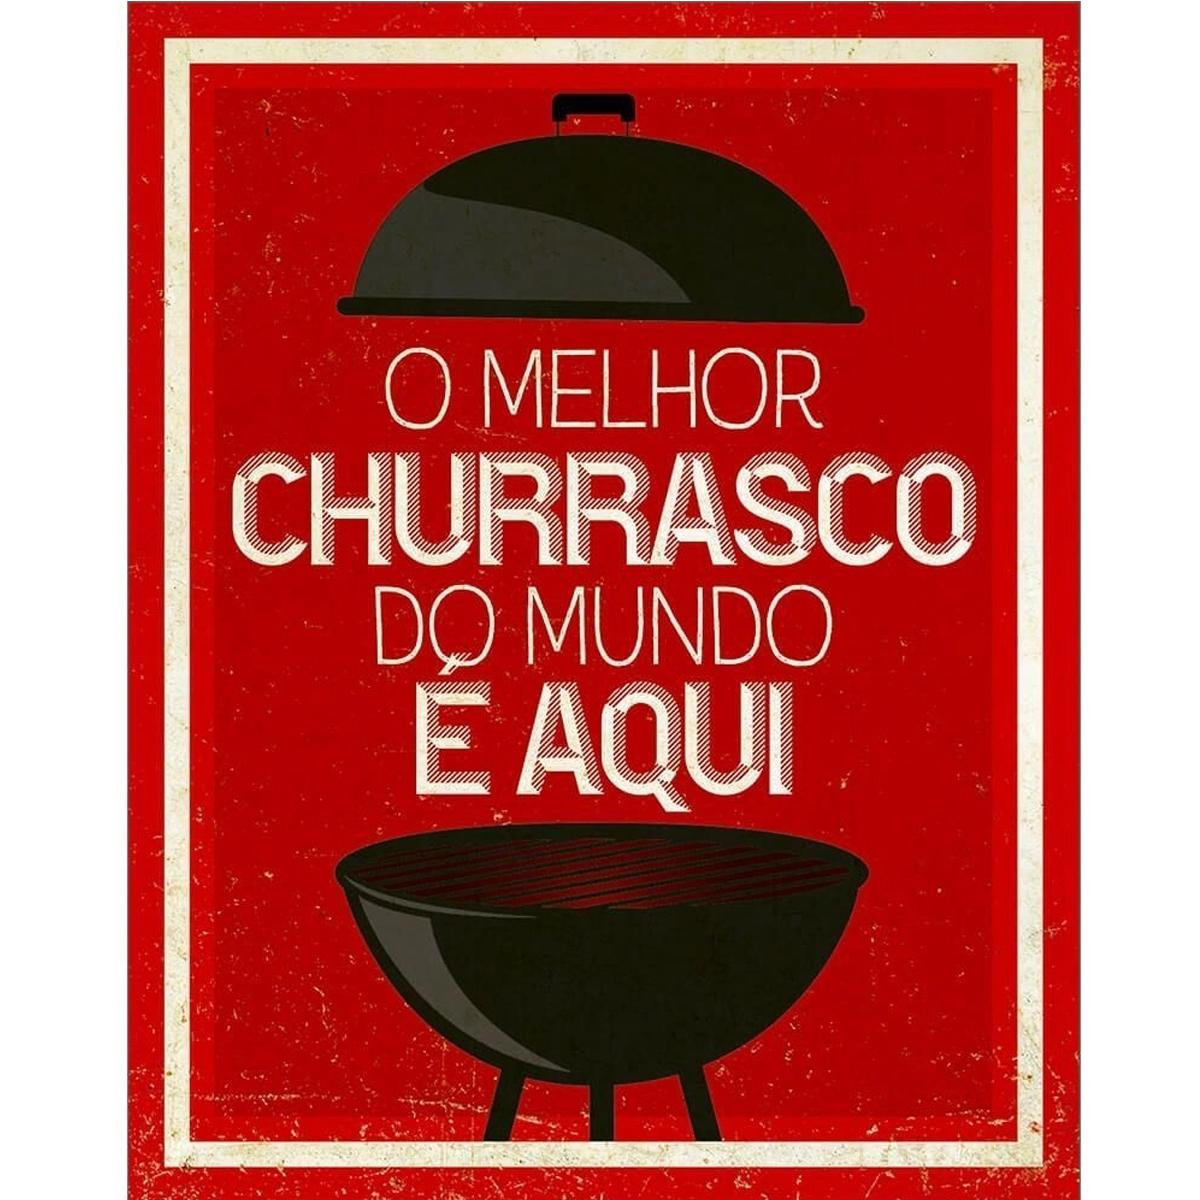 Placa decorativa MDF 24x19cm O melhor churrasco do mundo